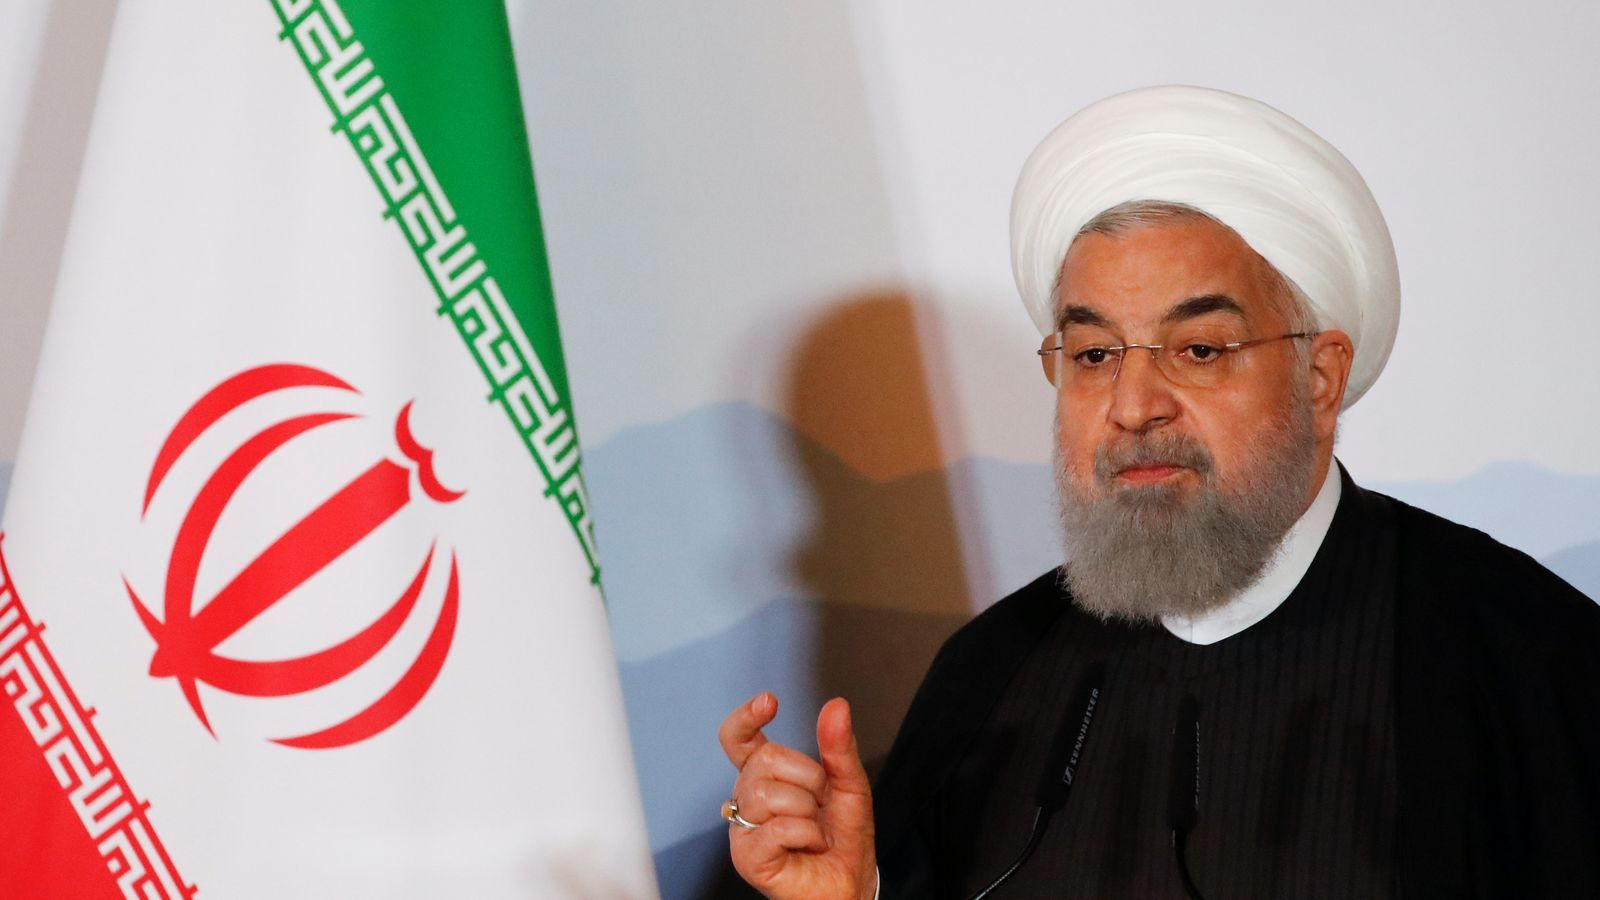 El president iranià, Hassan Rouhani, durant una visita oficial a Suïssa.